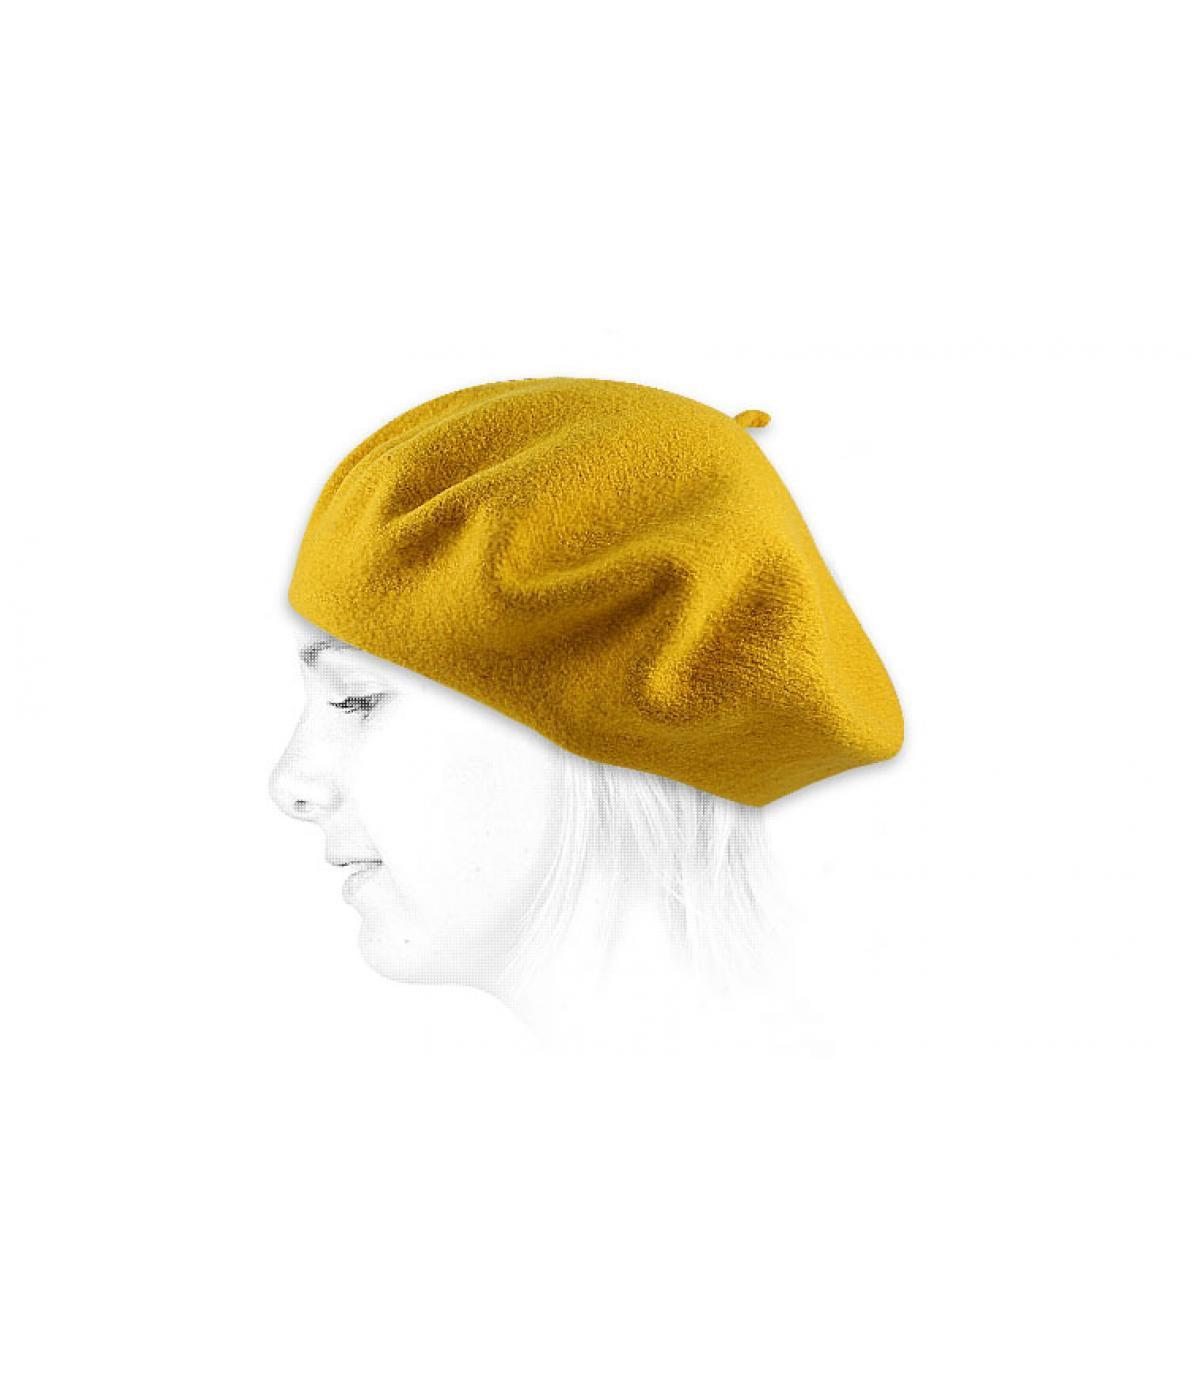 Détails Beret classique moutarde - image 2